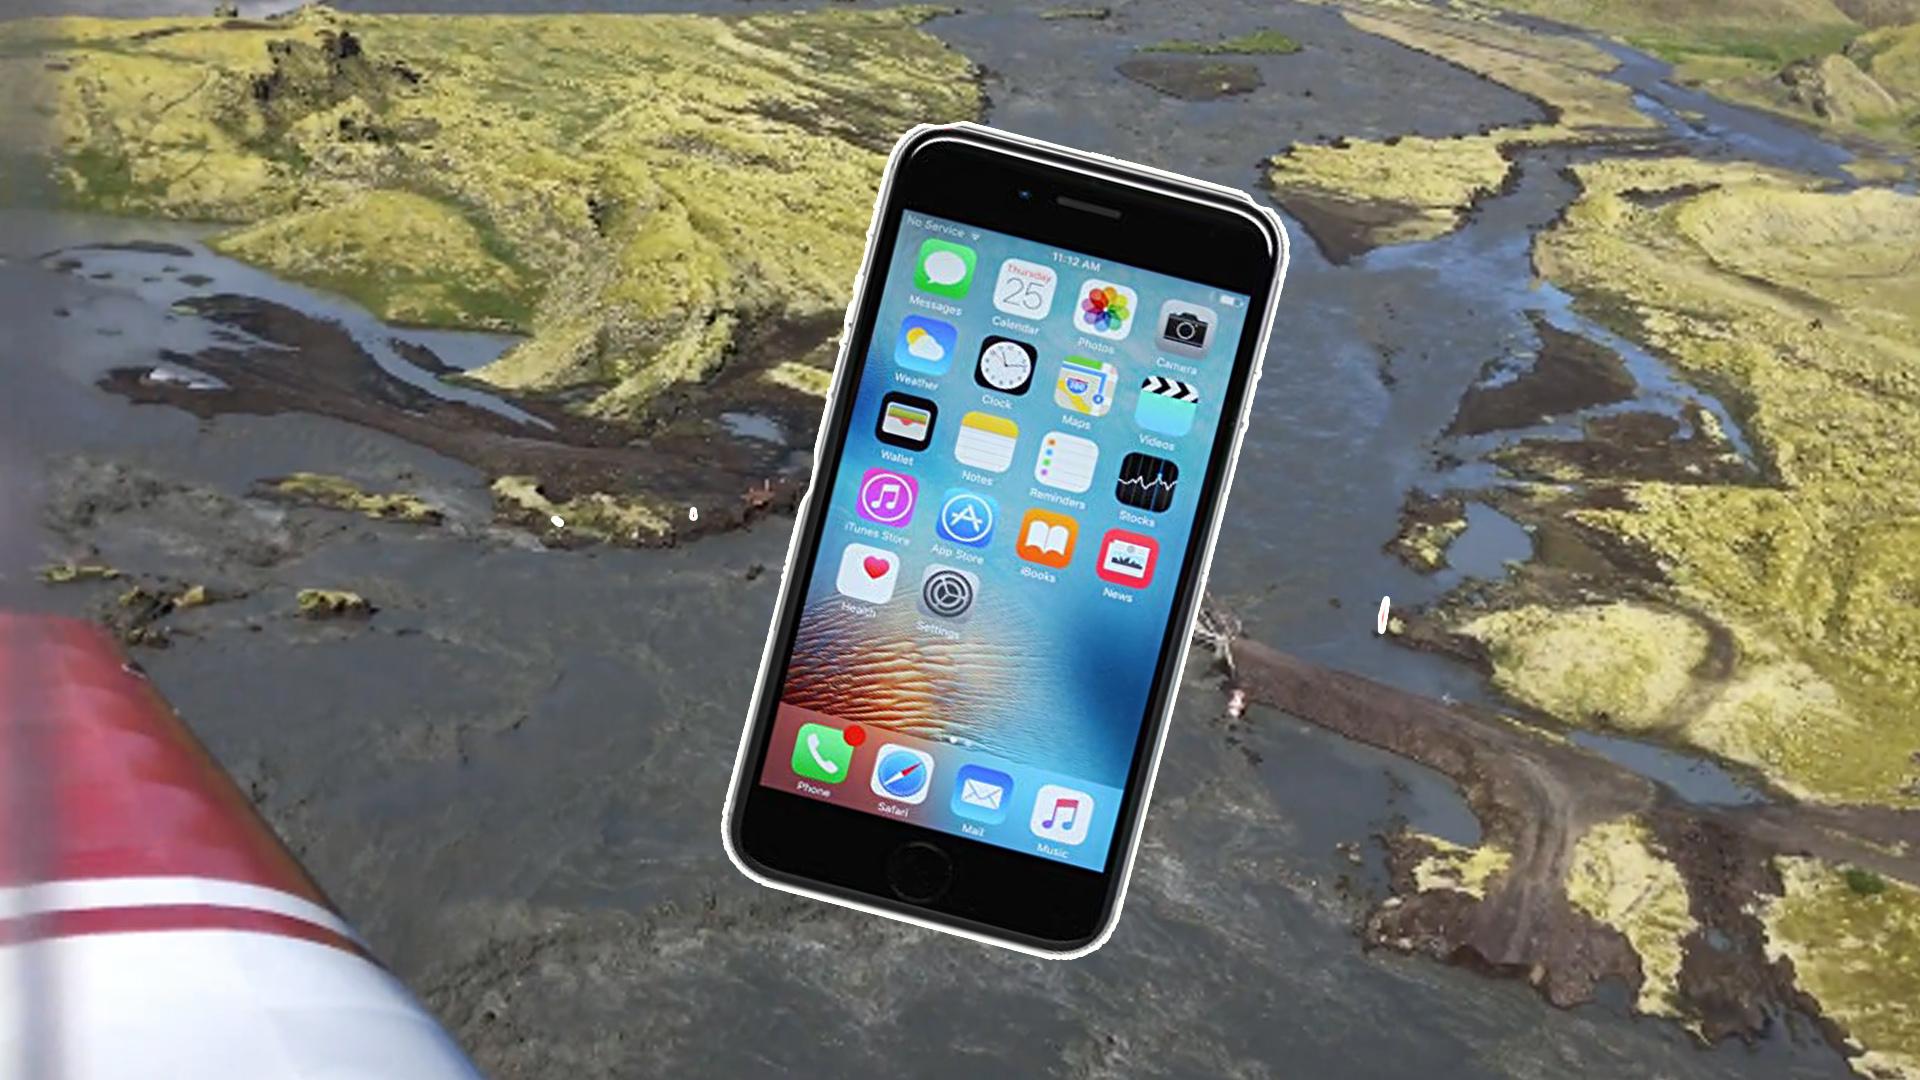 تجربة مريرة عاشها هاتف ipone 6s Plus لمدة سنة كاملة في البراري الأسيلندية بعد نجاتة من السقوط من علو 200 قدم